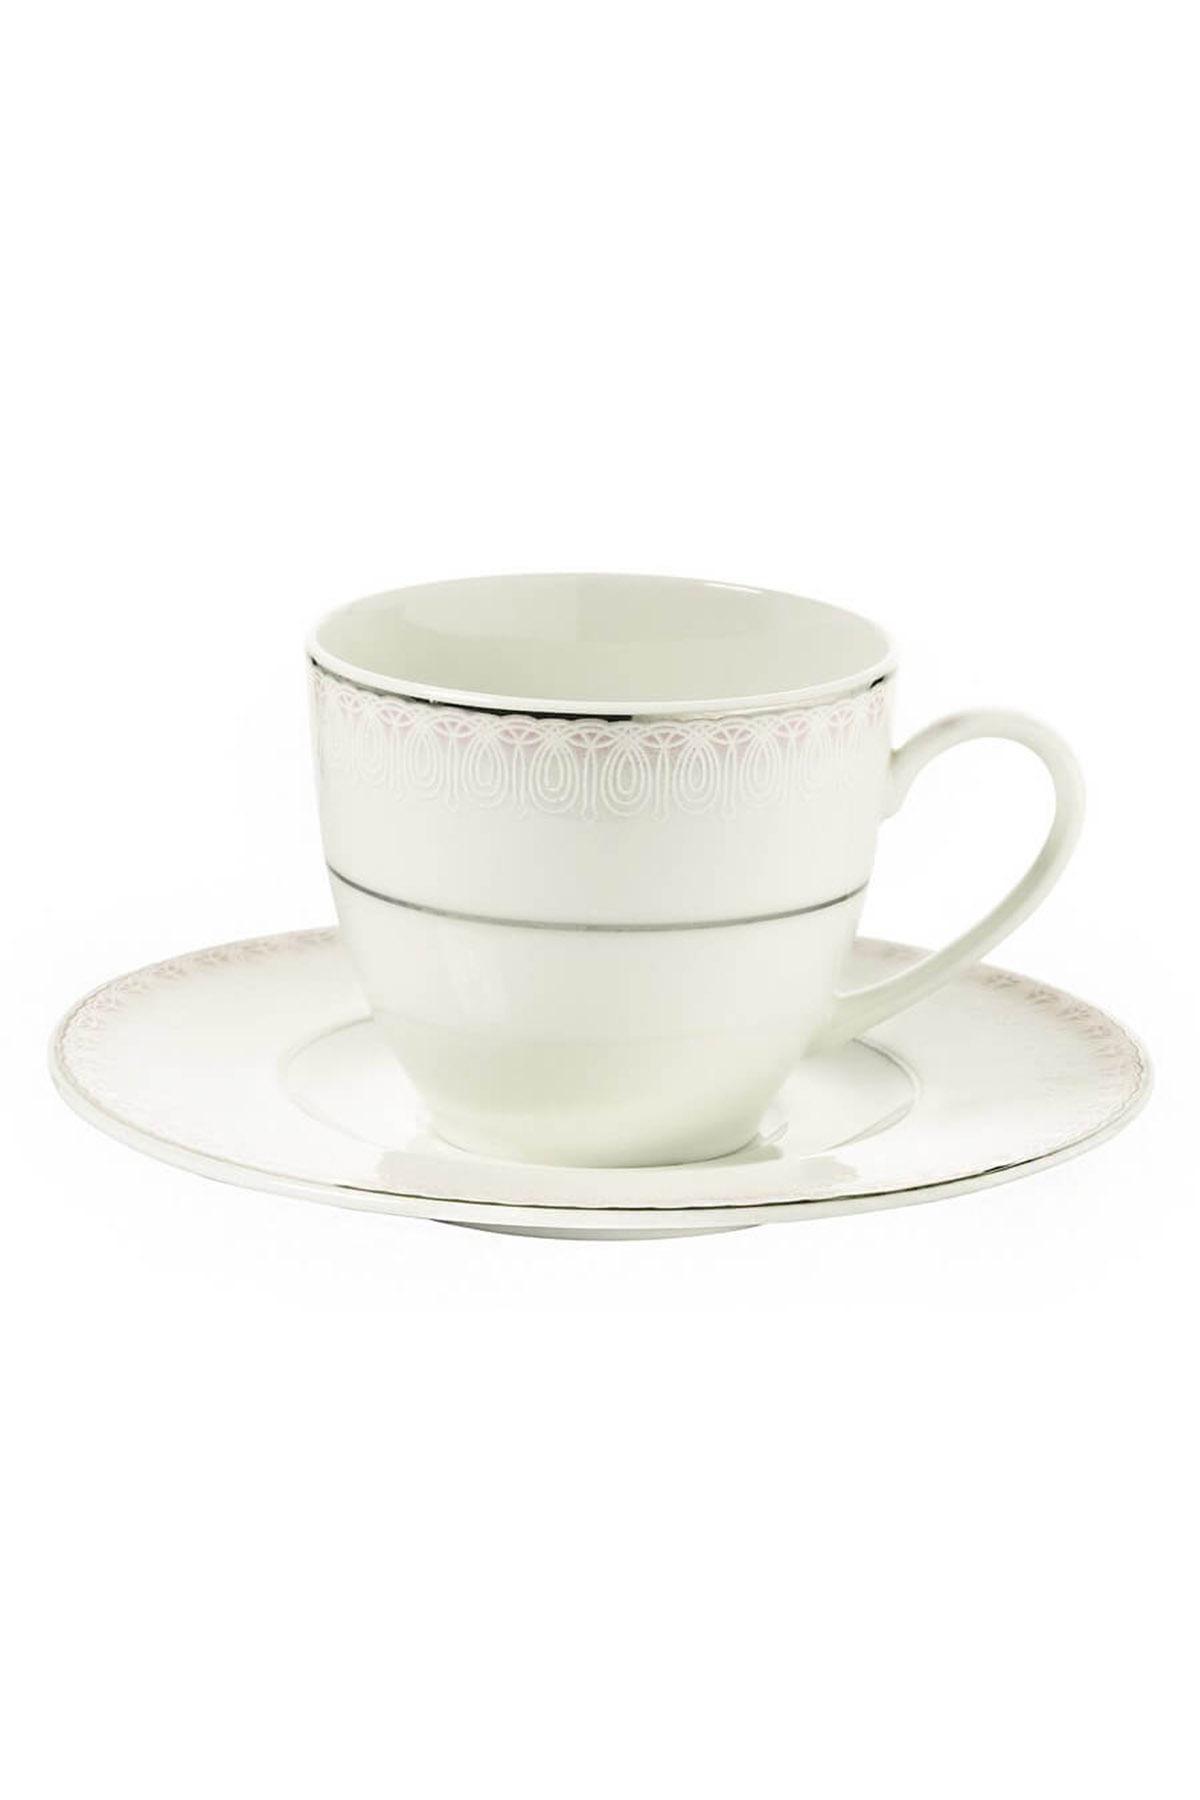 Kütahya Porselen Bone Kalipso 92914 Desen Çay Fincan Takımı